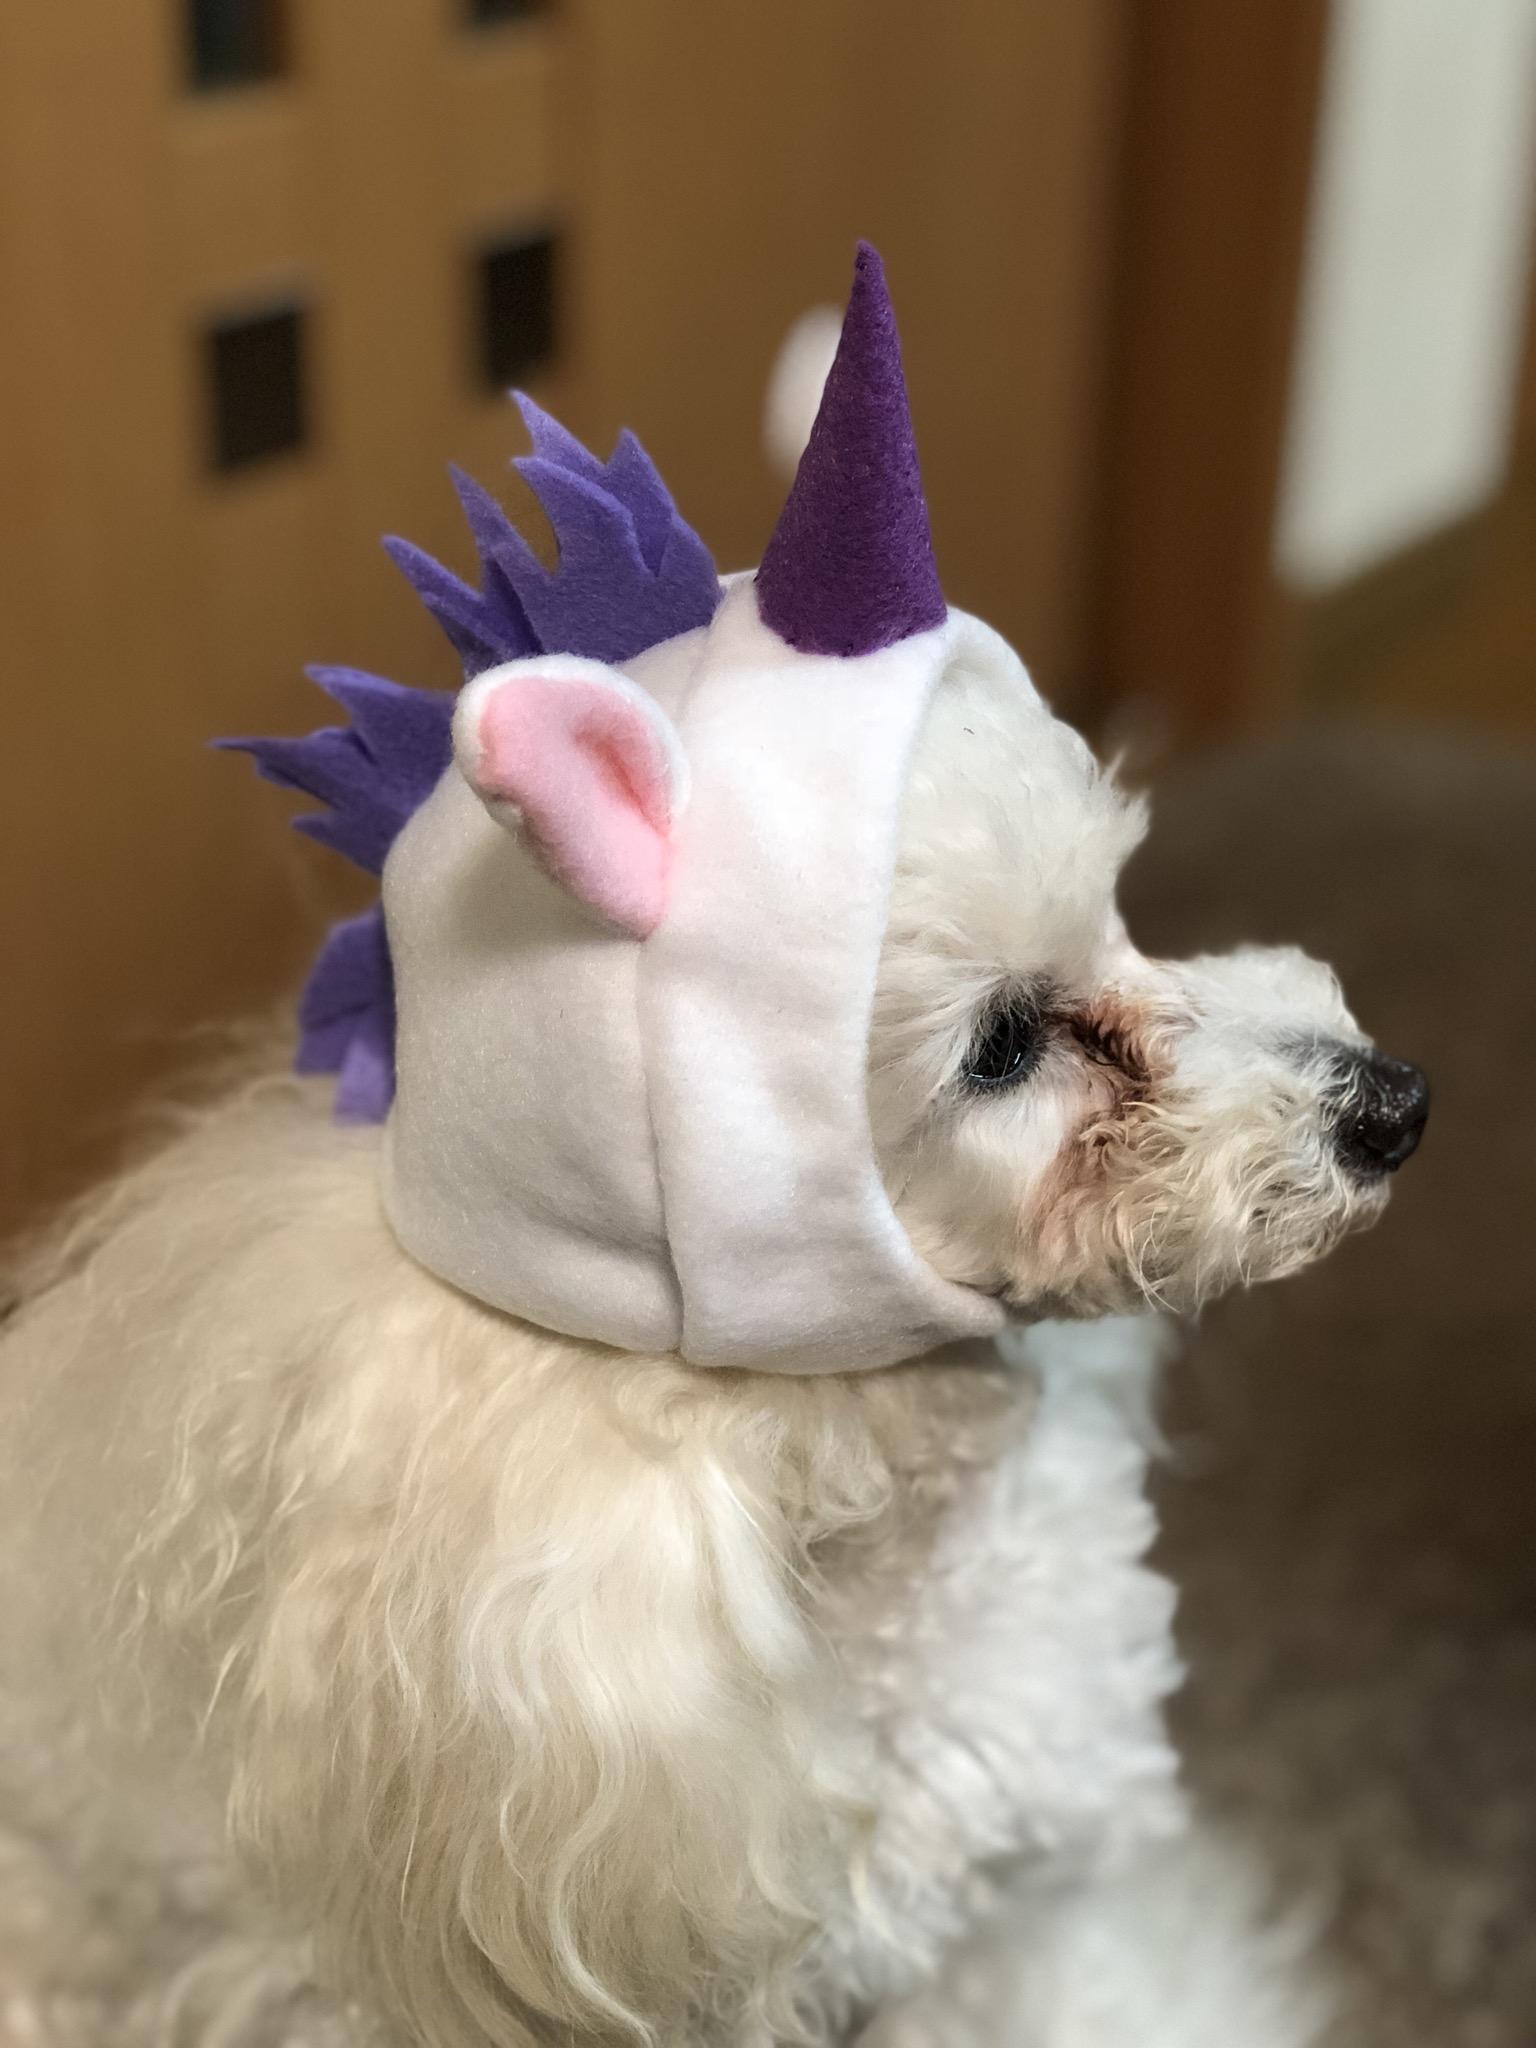 ガチャガチャ商品 犬用ユニコーンの被り物